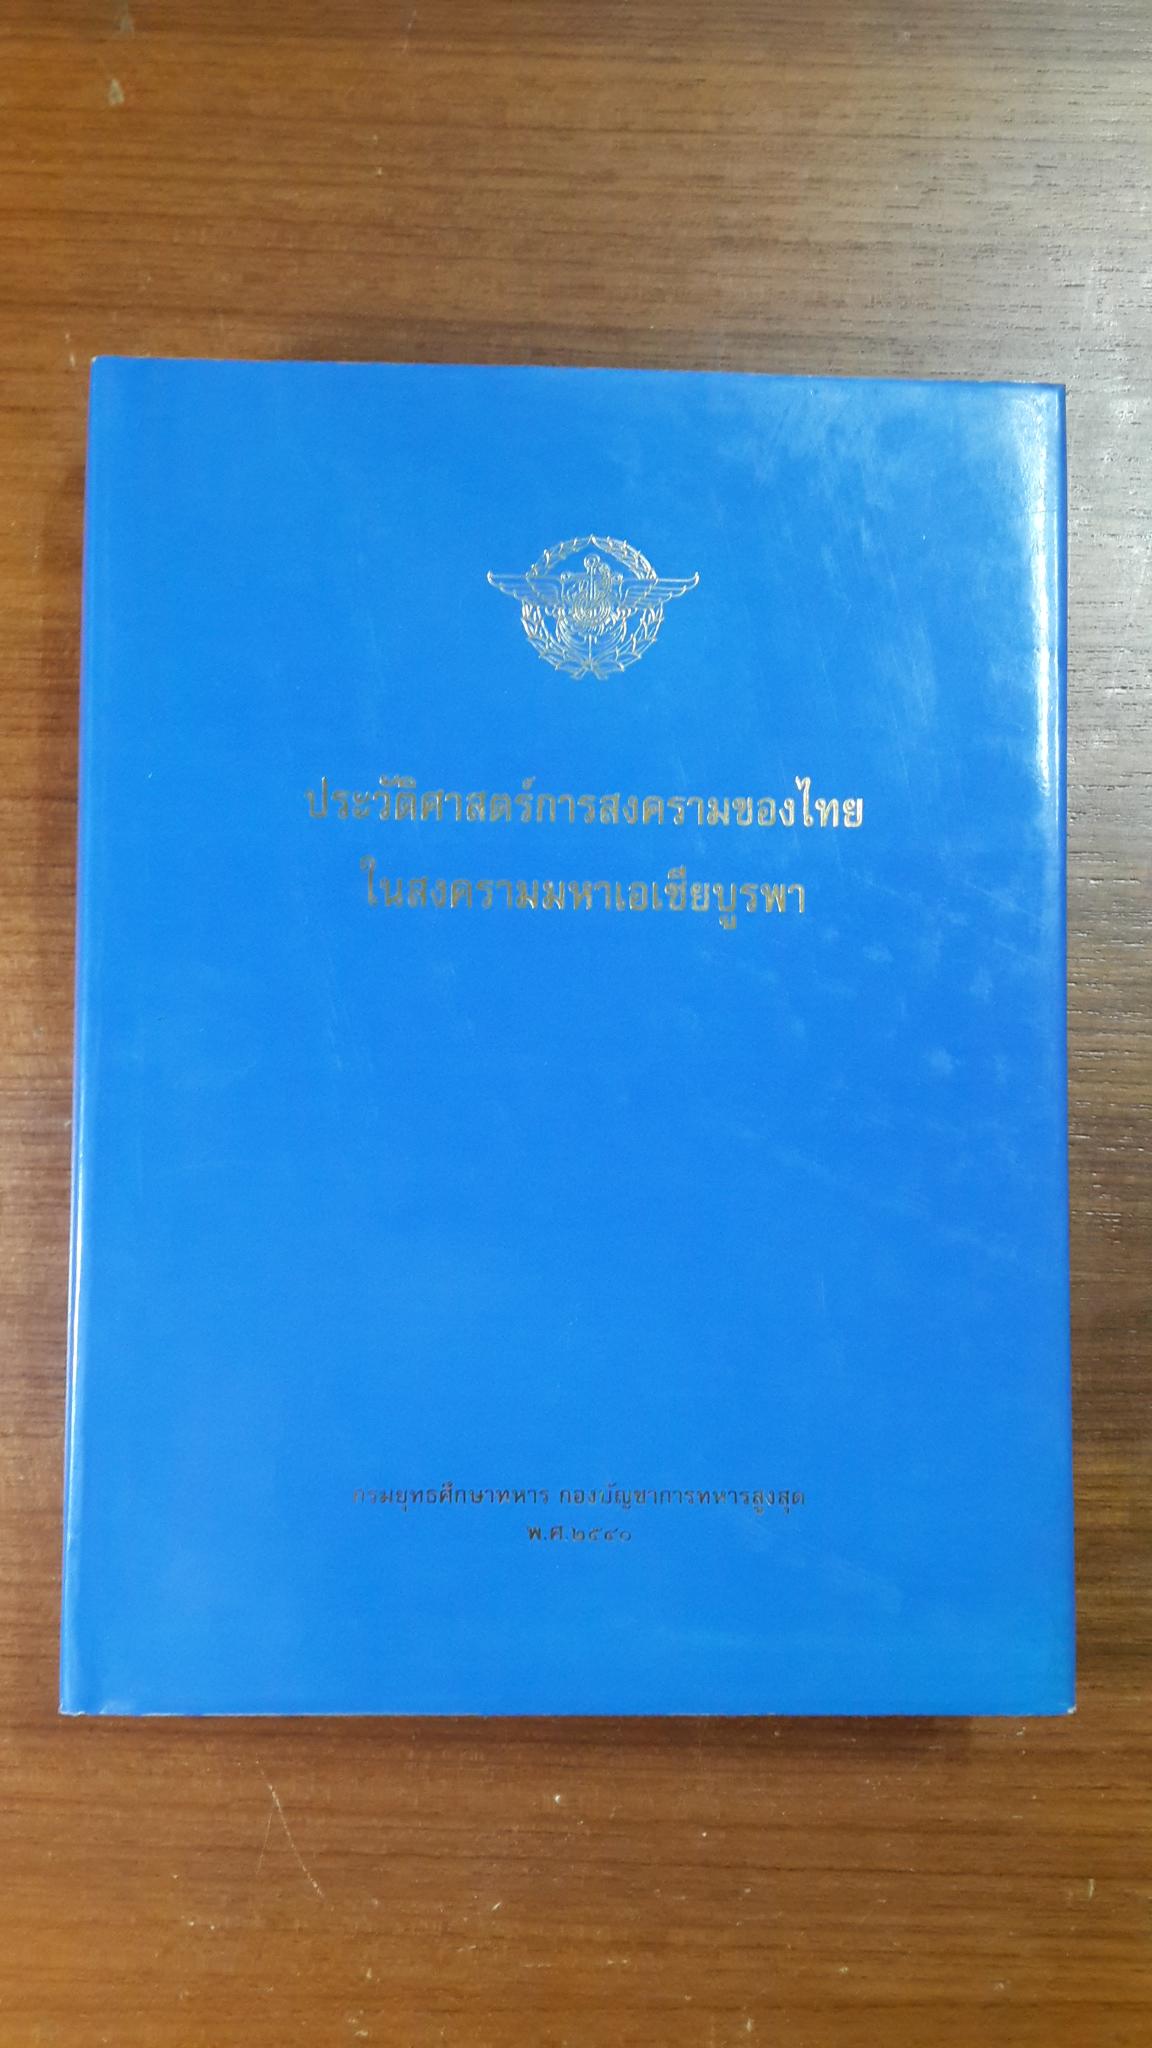 ประวัติศษสตร์การสงครามของไทย ในสงครามมหาเอเชียบูรพา / กรมยุทธศึกษาทหาร กองบัญชาการทหารสูงสุด